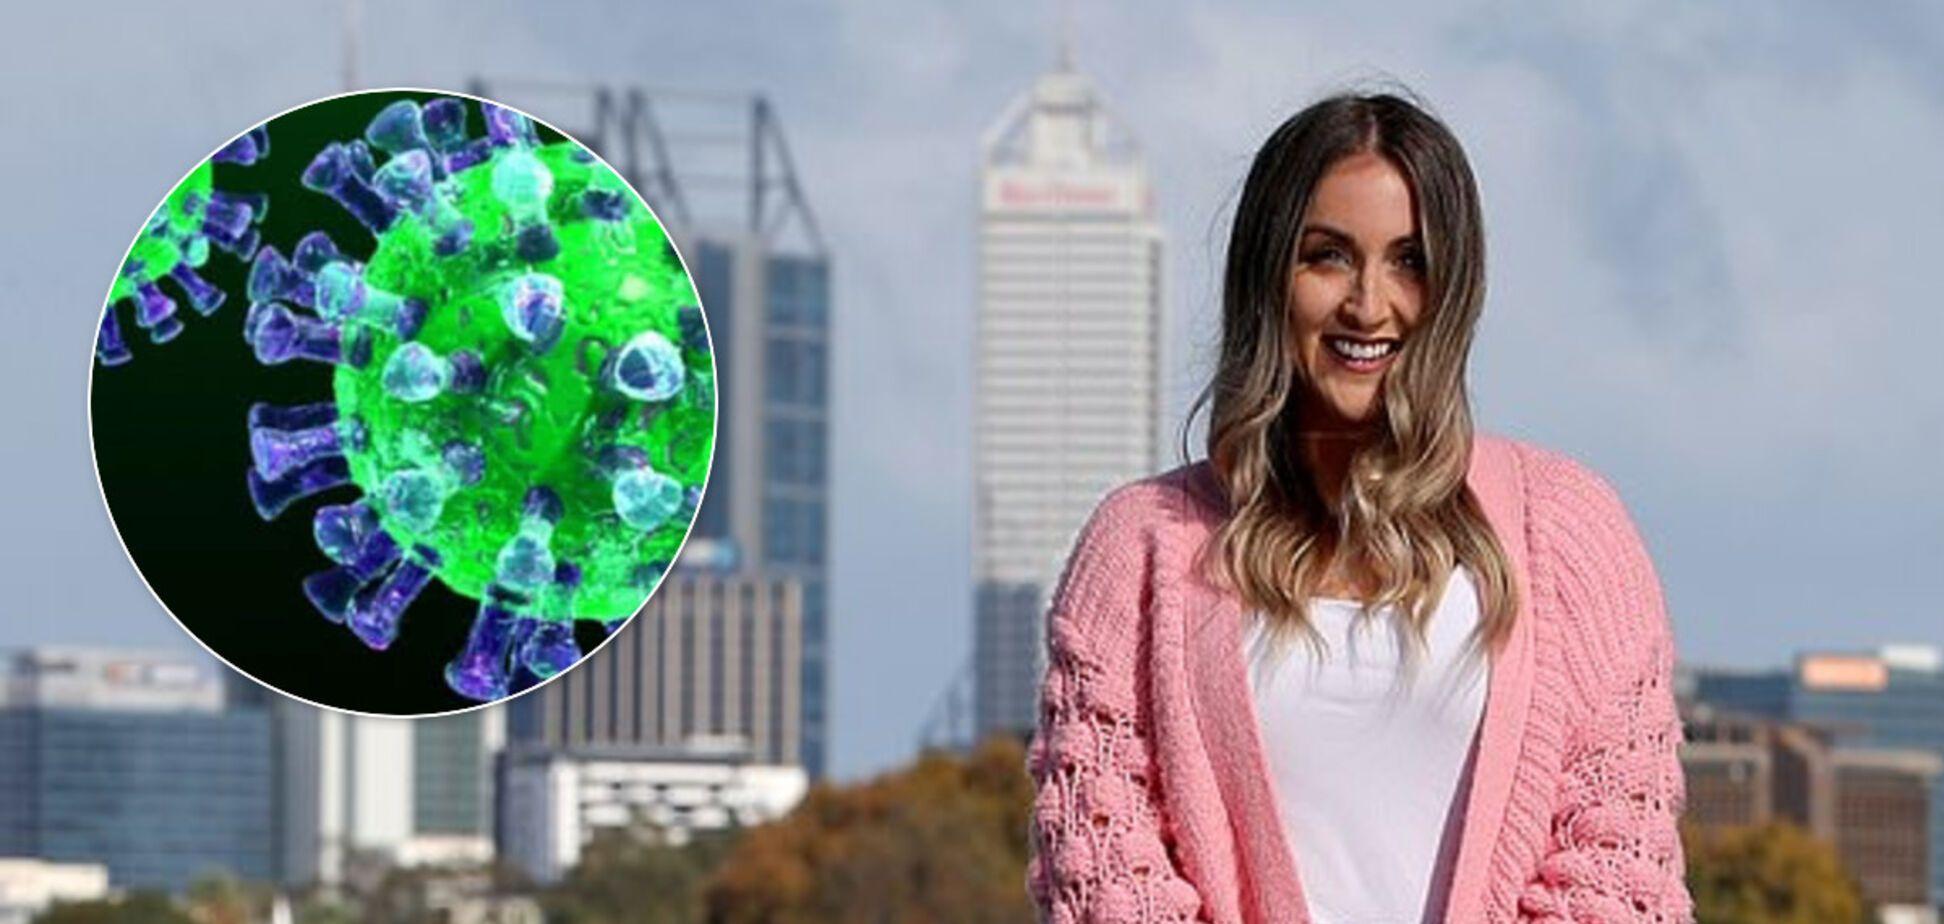 'Небезпечно для молодих і здорових': в Австралії 26-річна дівчина розповіла, як перемогла COVID-19